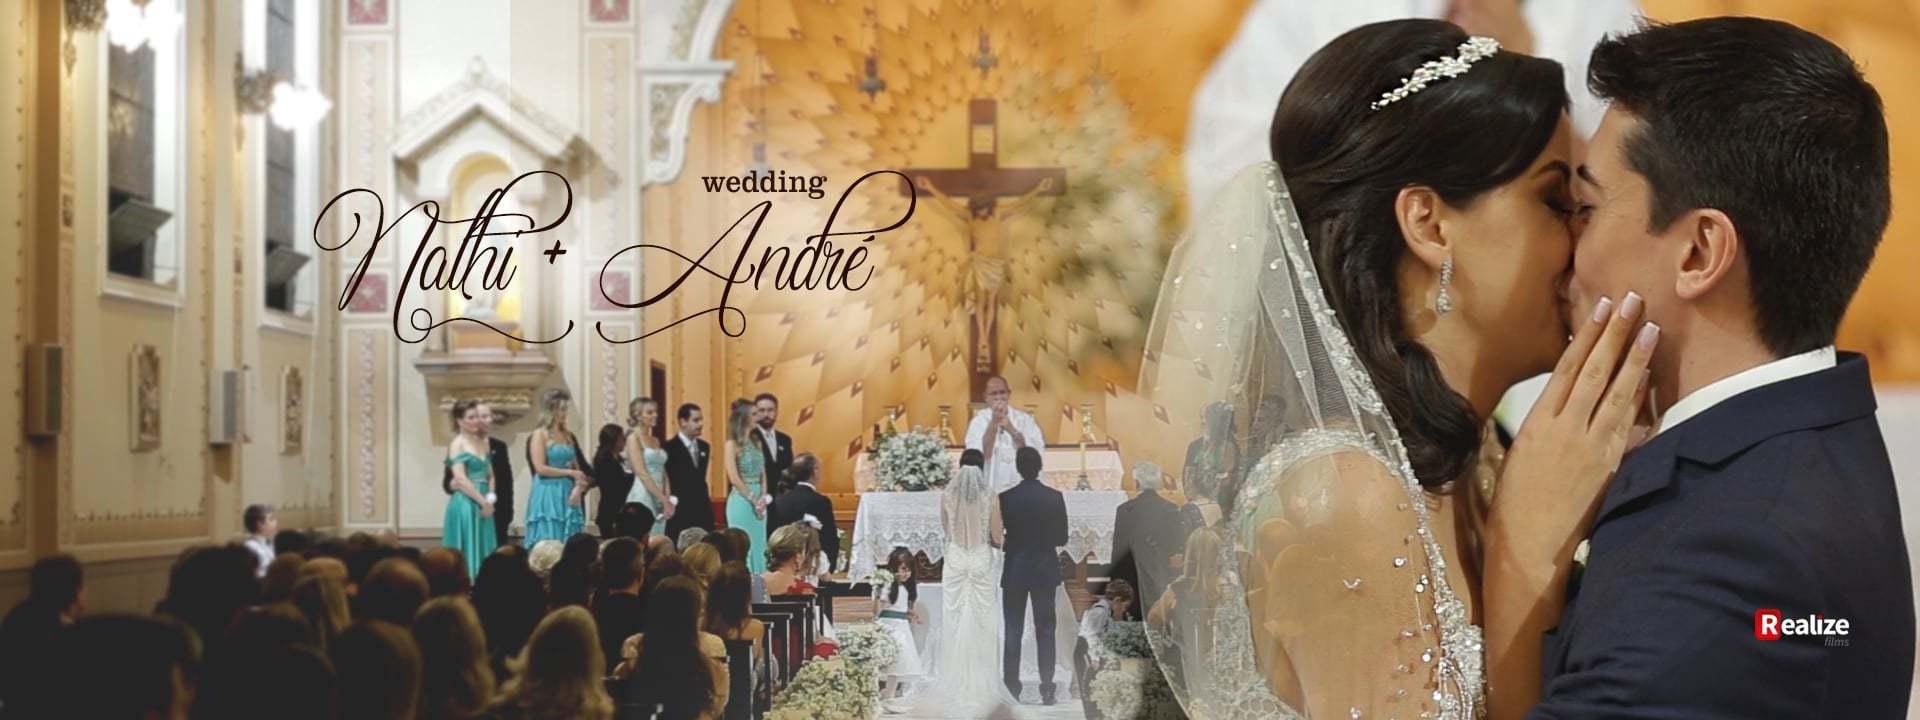 Contate Filmagem de casamento e eventos em geral Passo Fundo - RS | Igor Kroeff